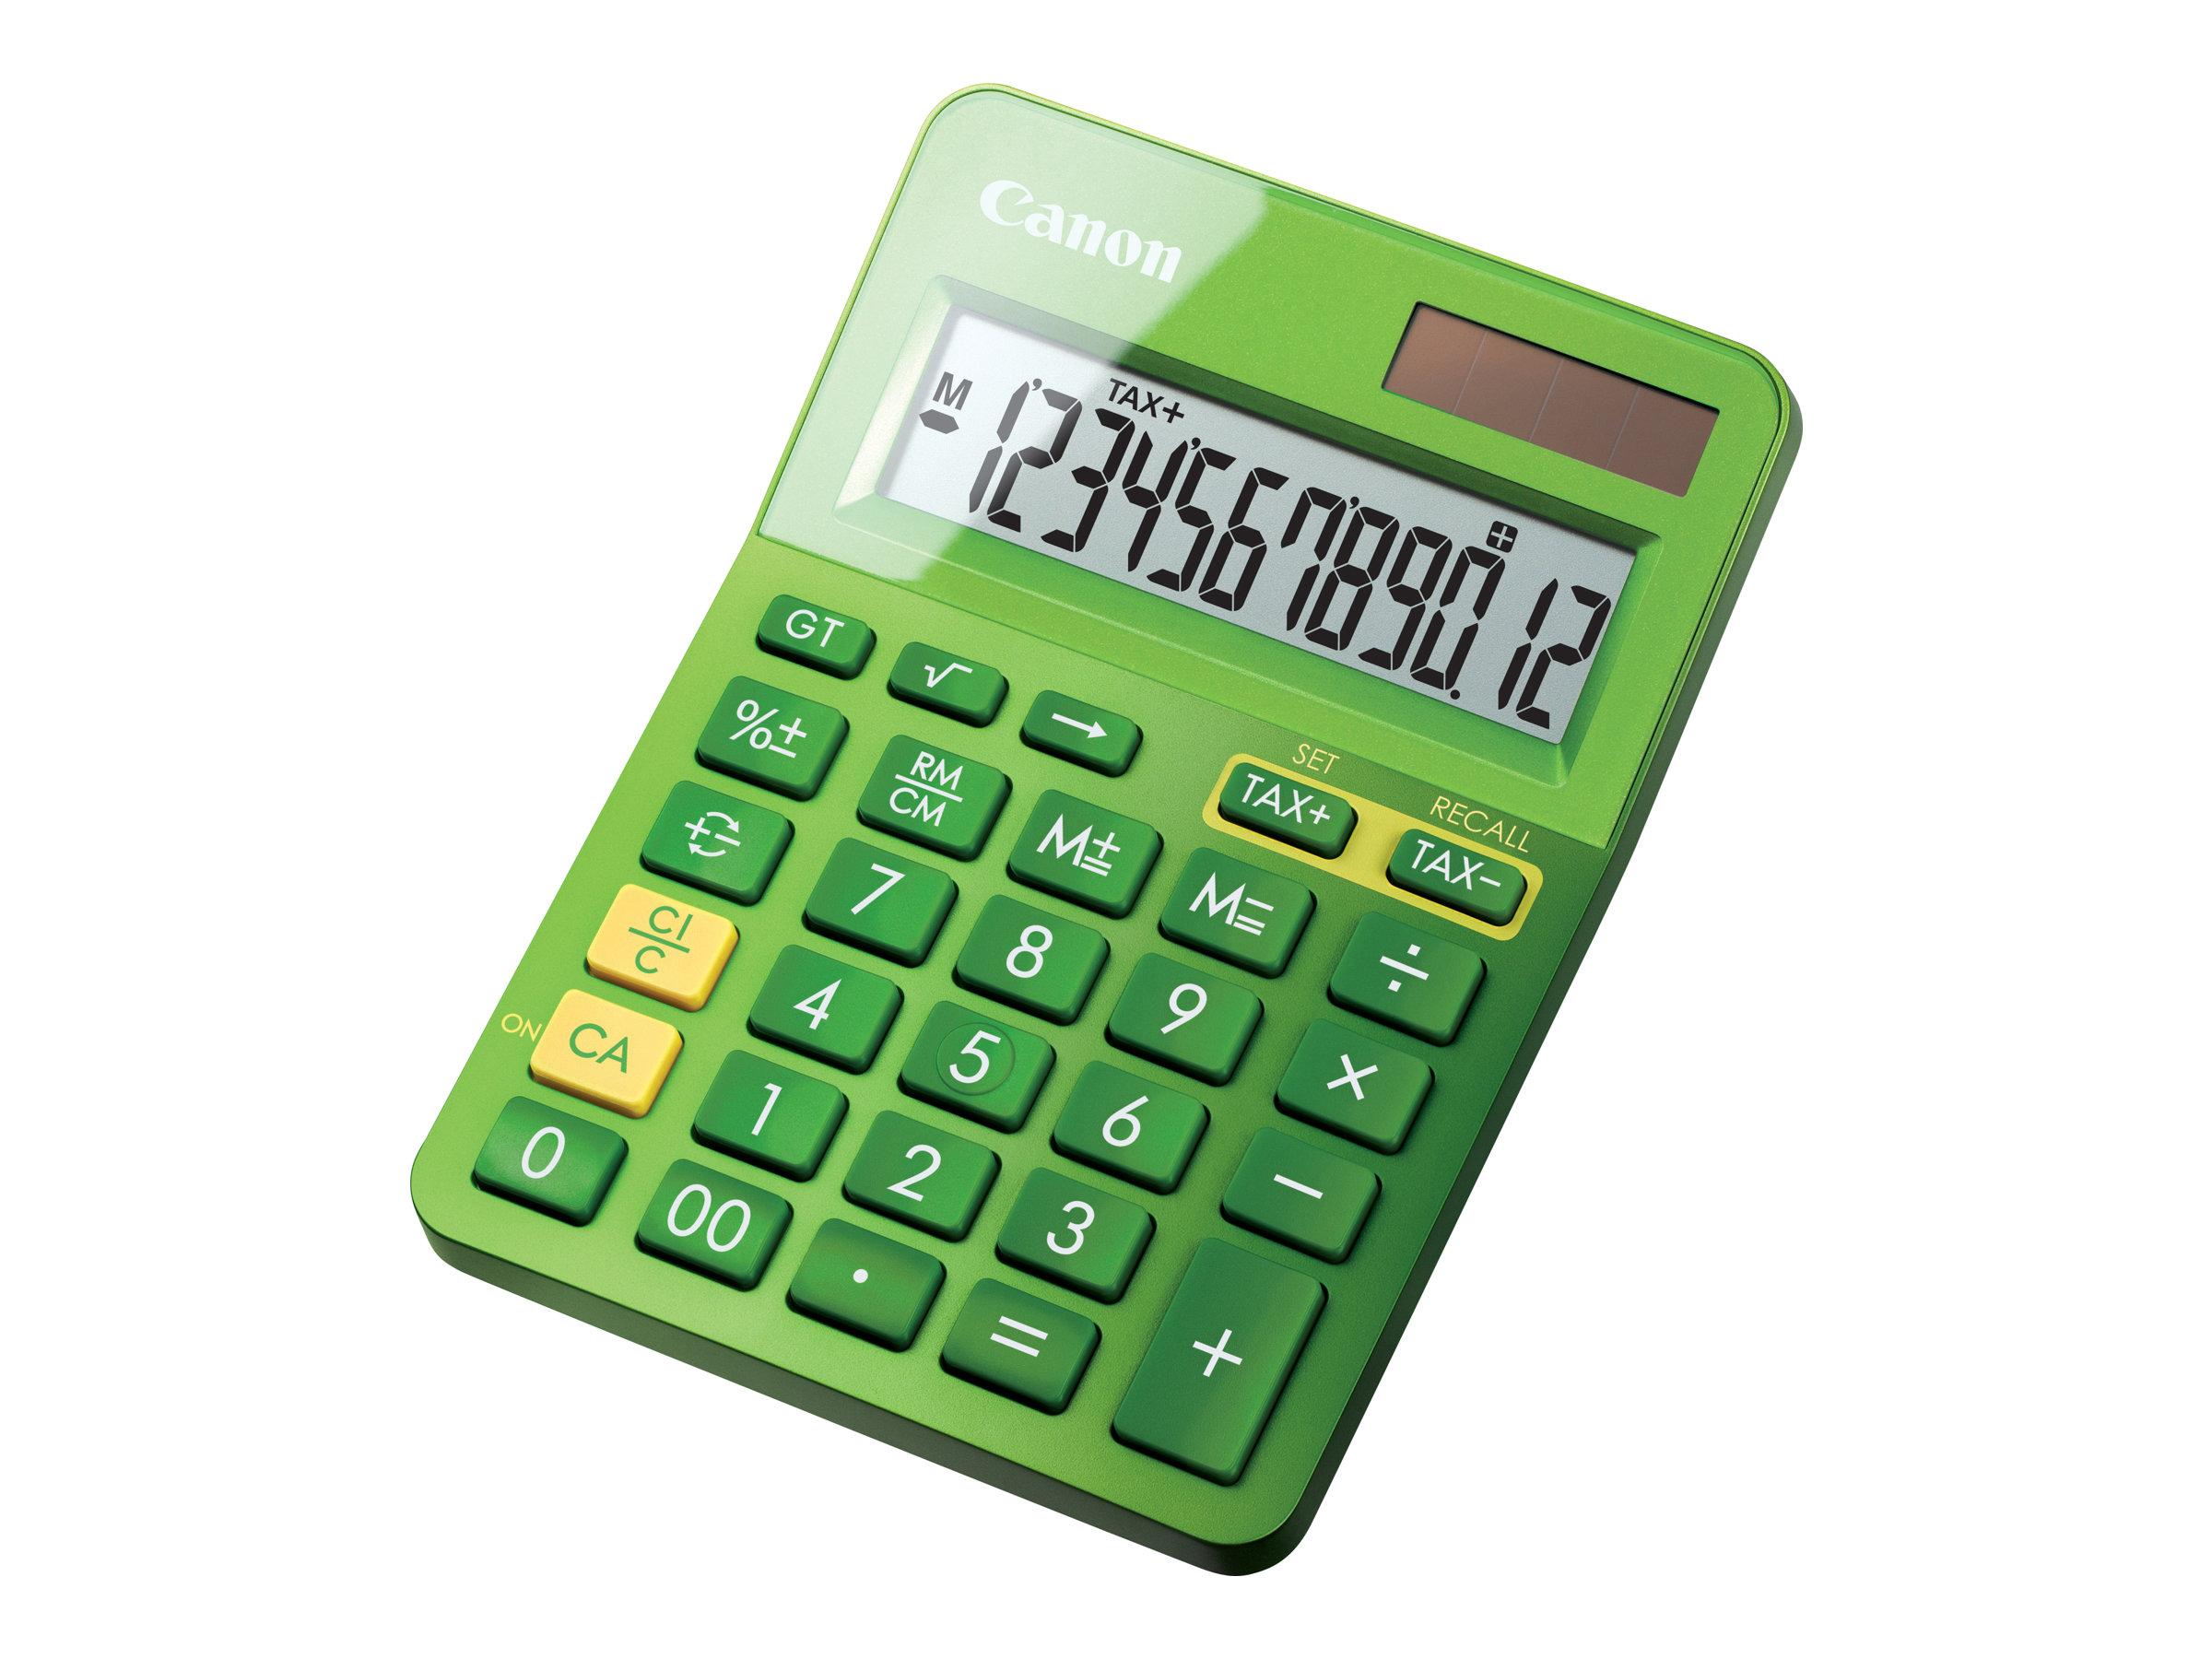 Canon LS-123K - Desktop-Taschenrechner - 12 Stellen - Solarpanel, Batterie - metallisch grün